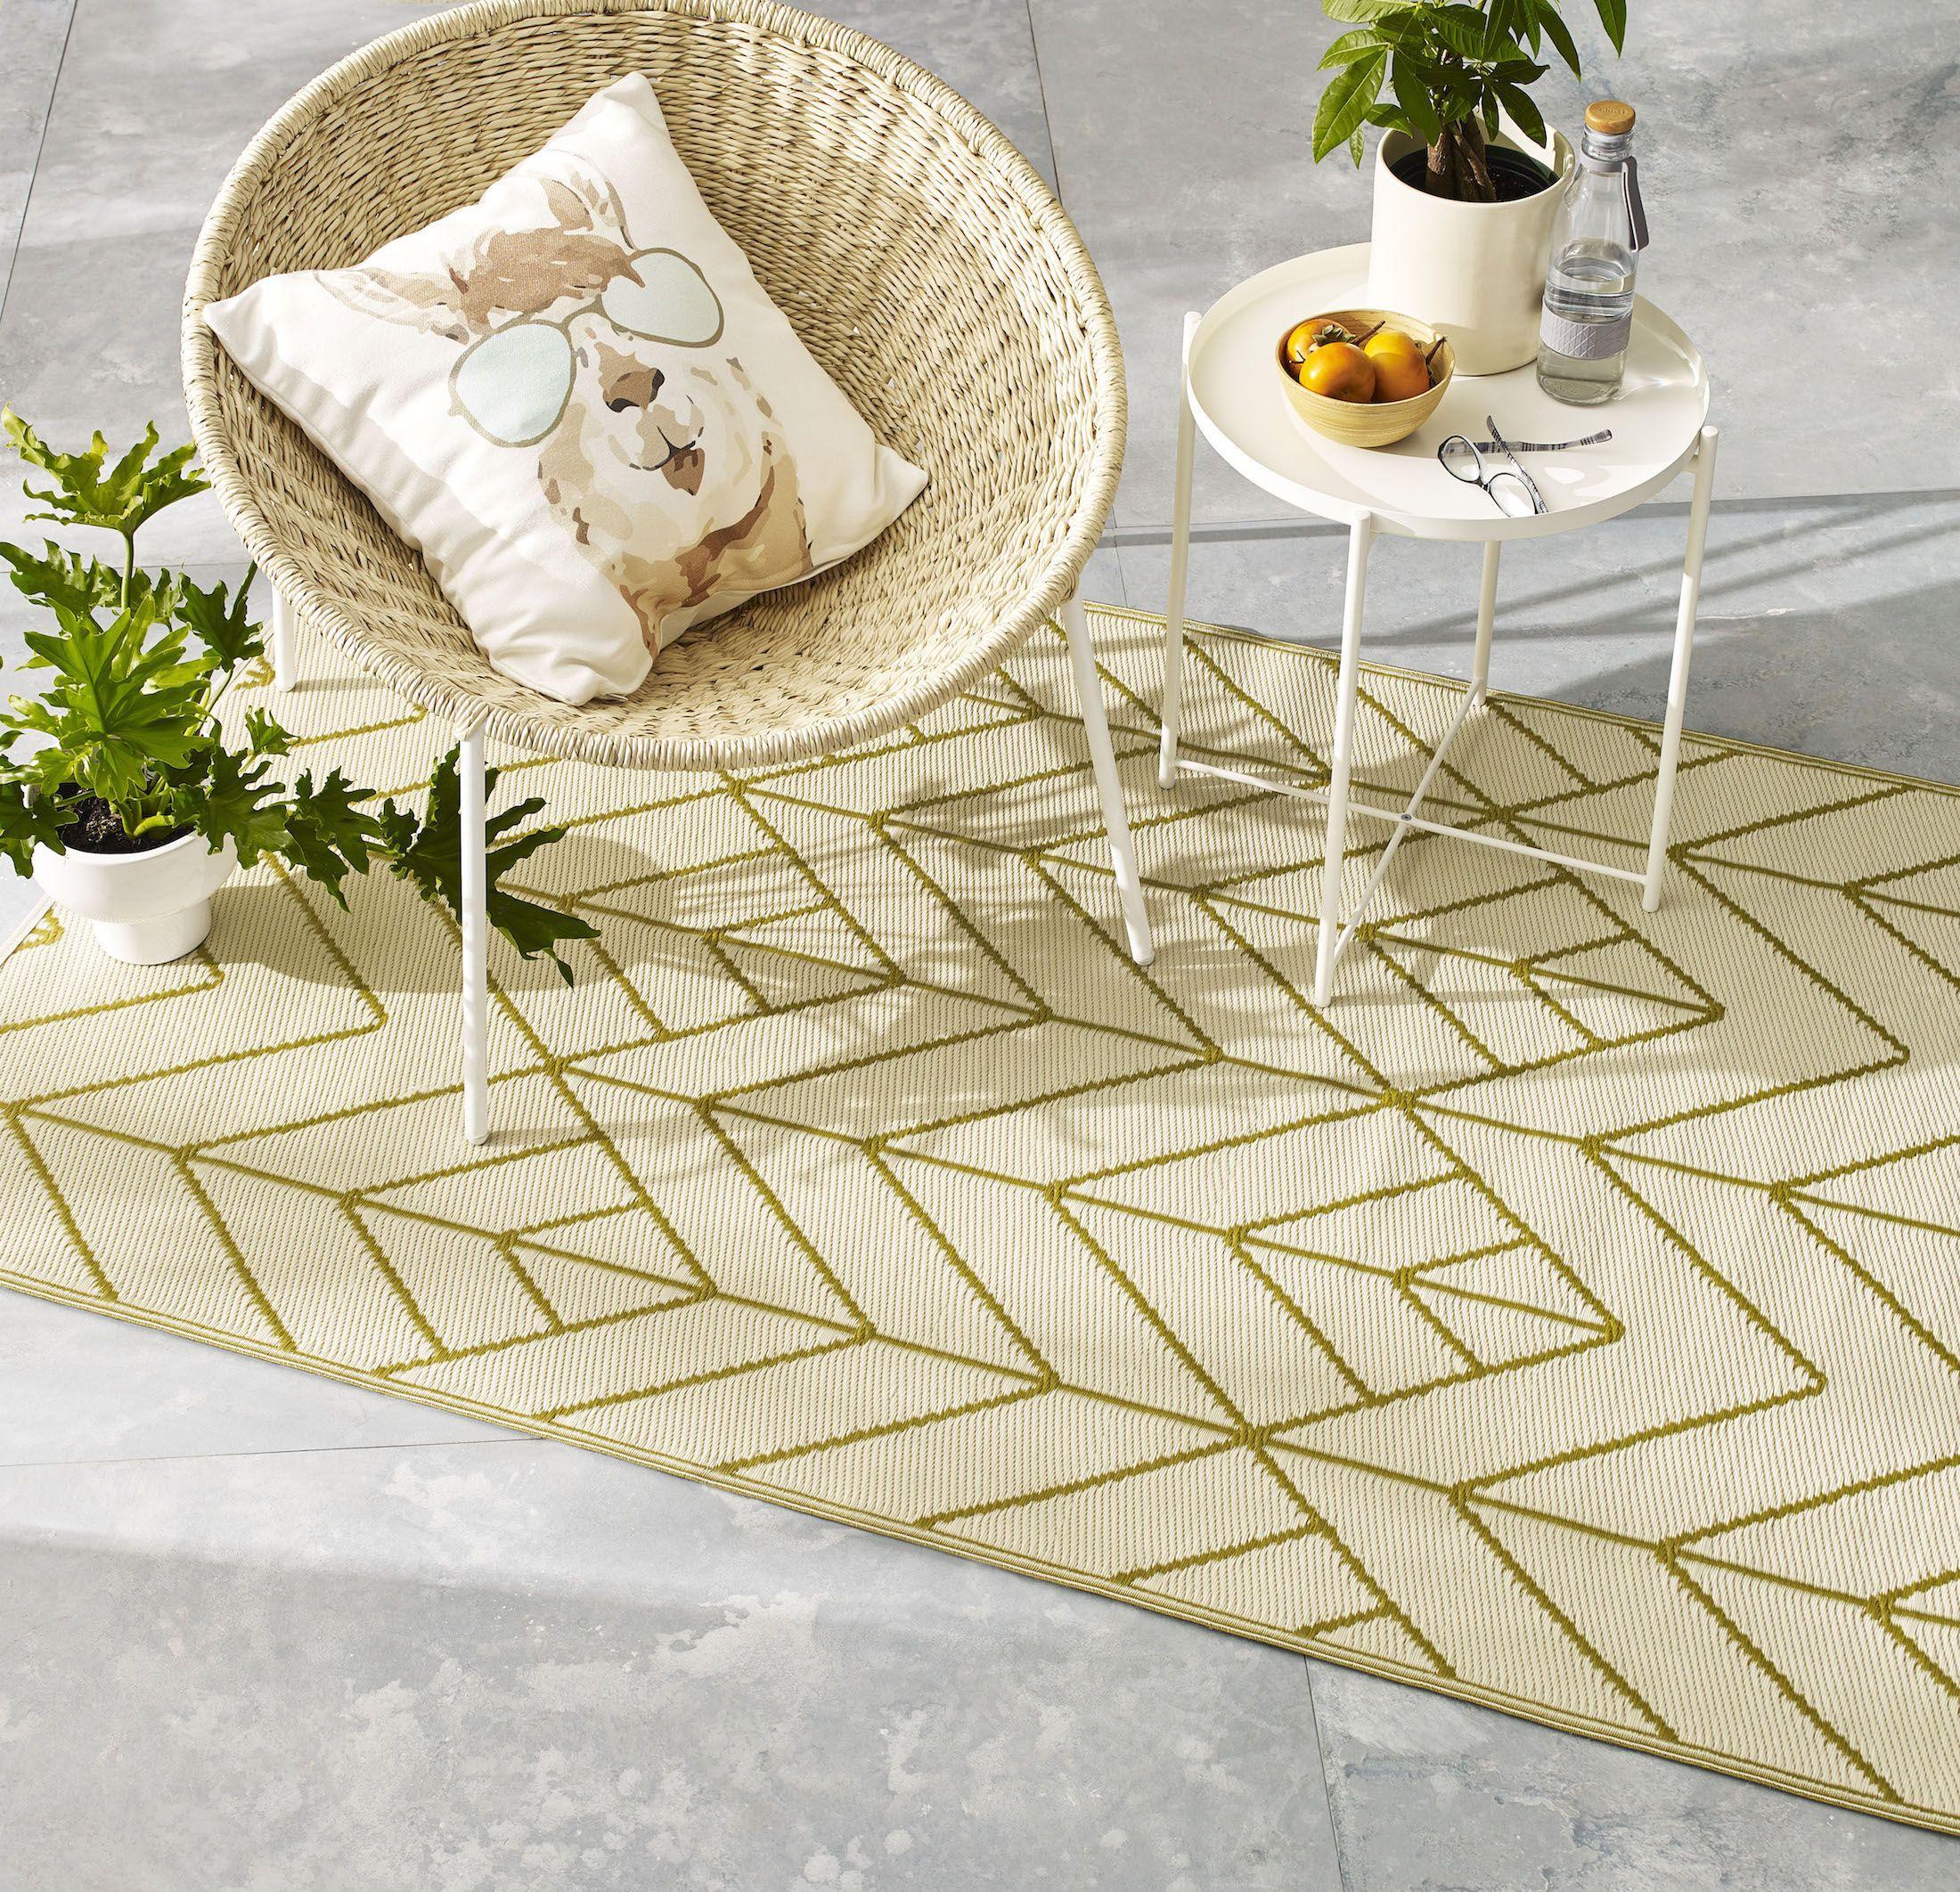 pets mat for kitchen terrace Handwoven upcycled rag rug bedroom door mat living room bathroom indoor and outdoor suitable